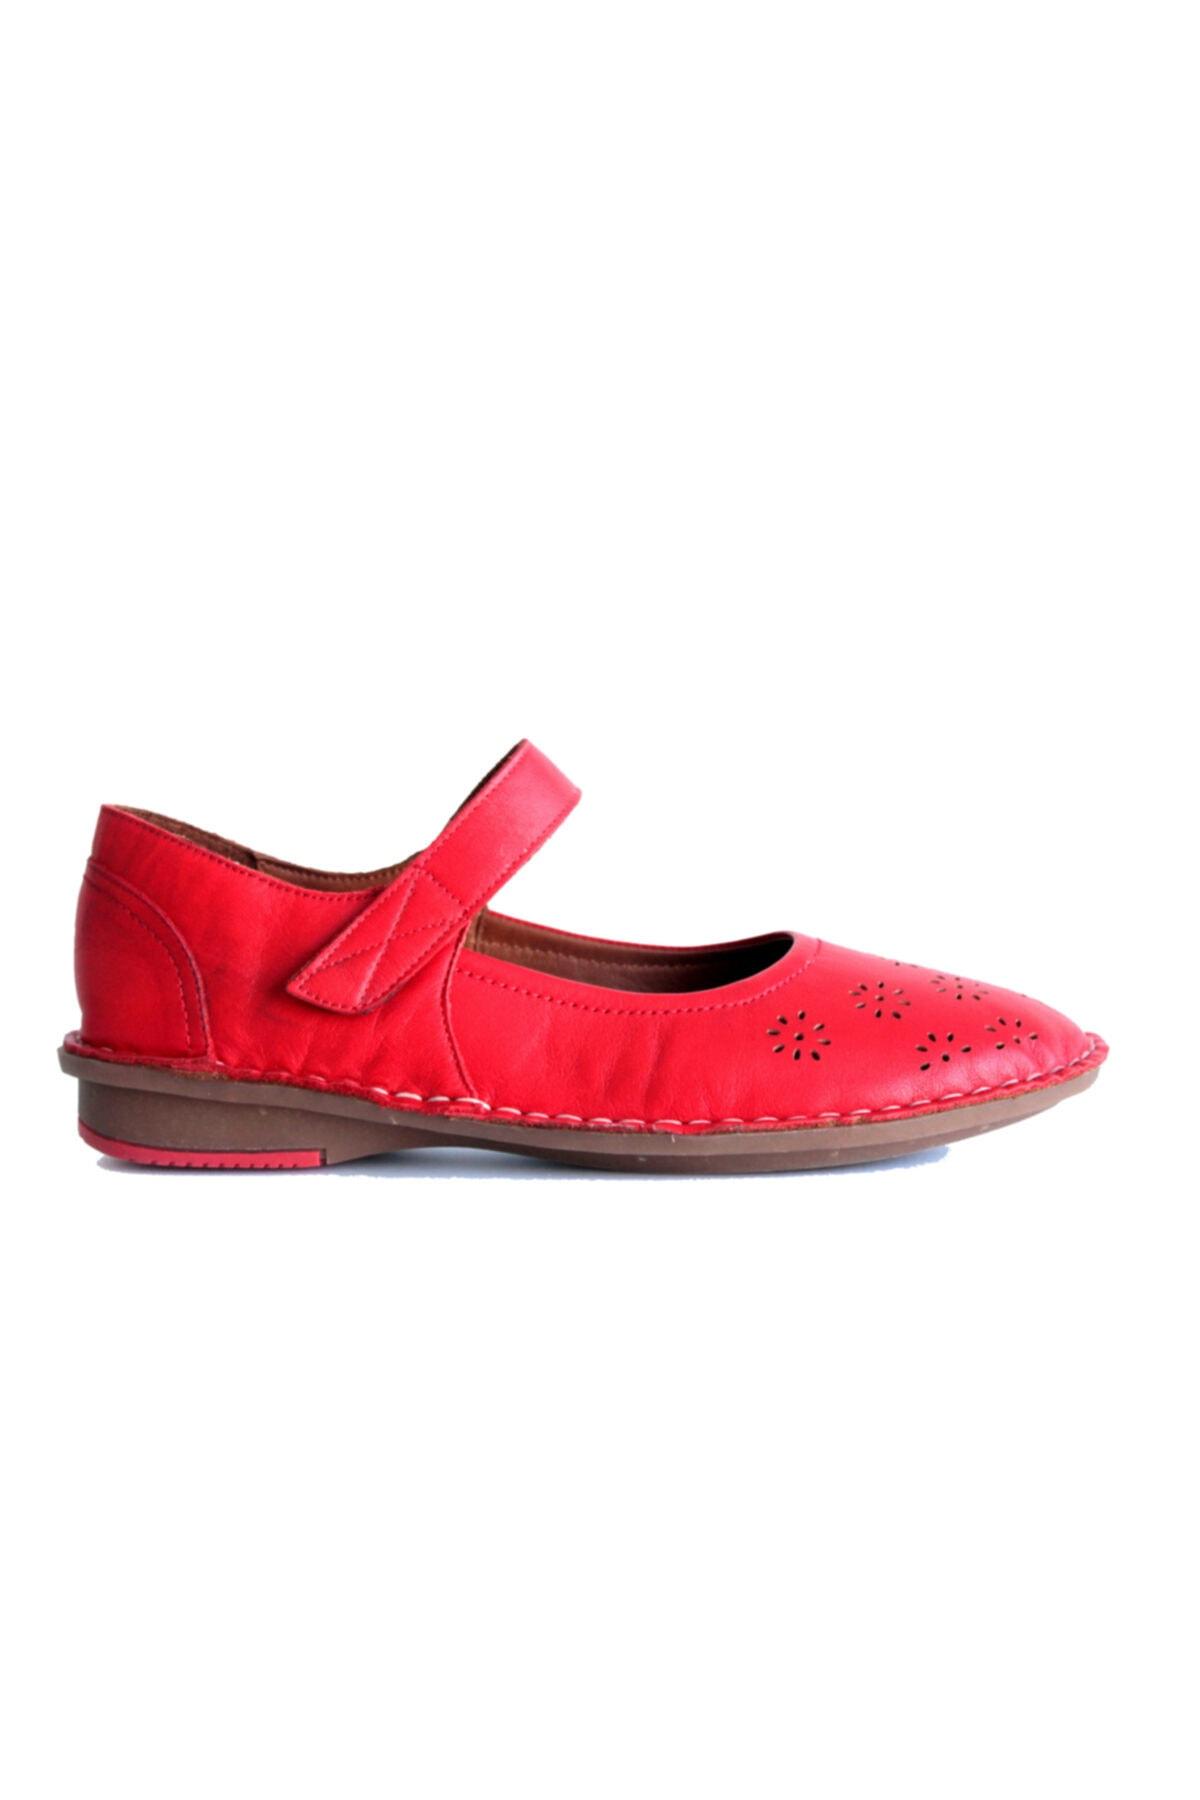 Beta Shoes Kadın Hakiki Deri Babet Kırmızı 2